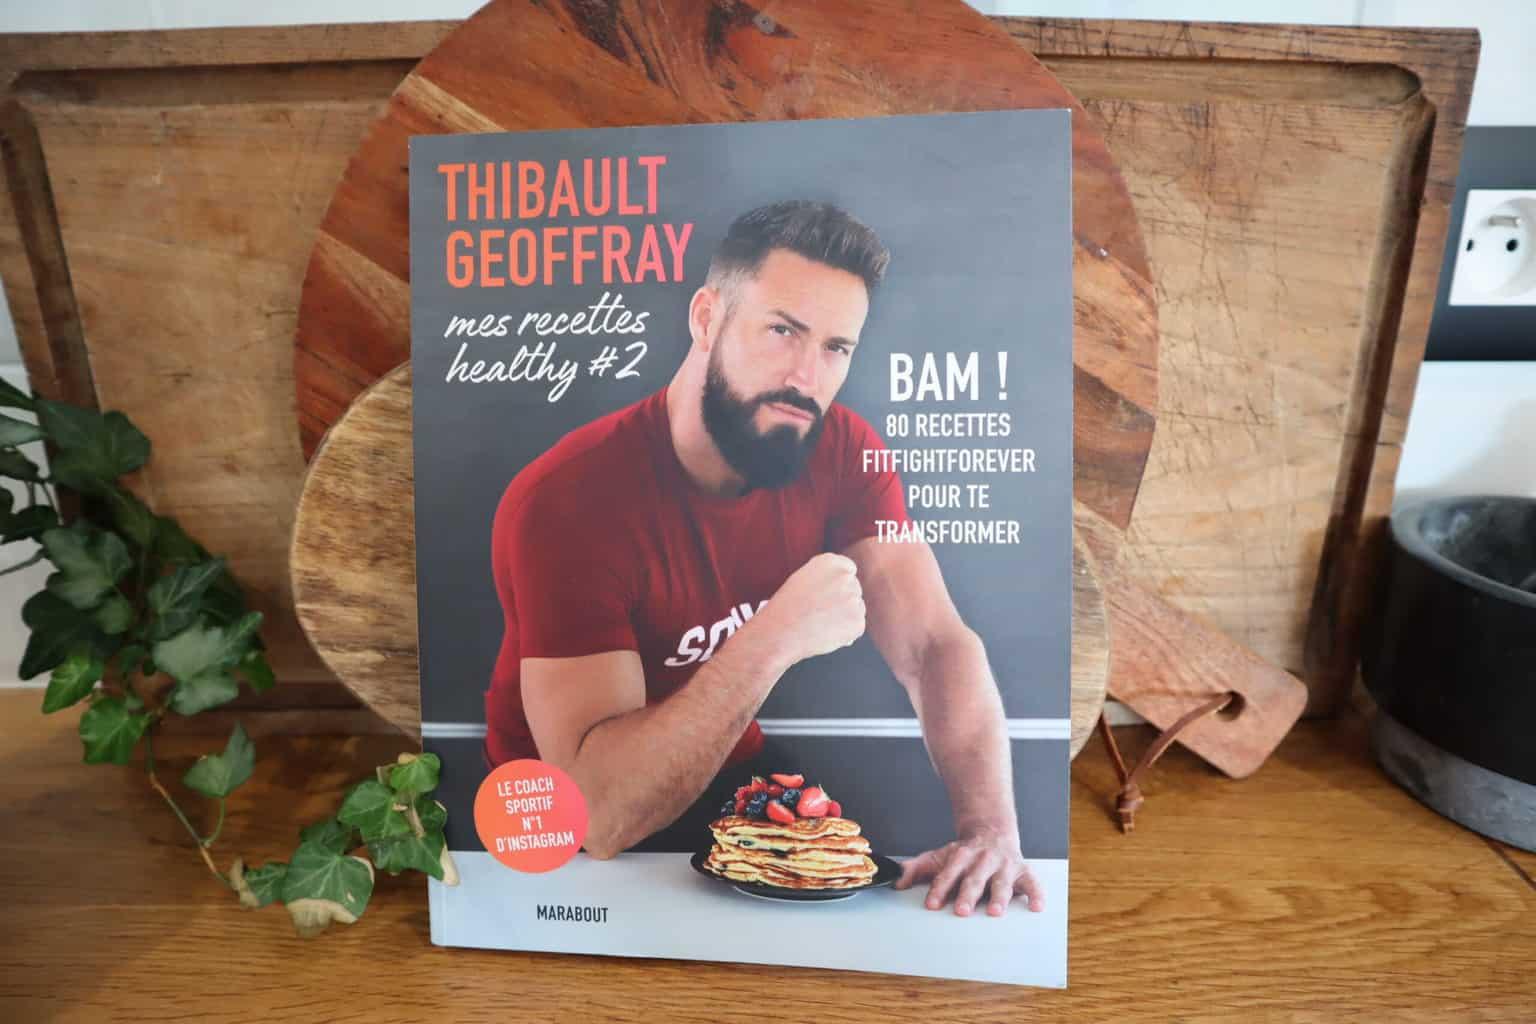 Mes recettes healthy #2 de Thibault Geoffray